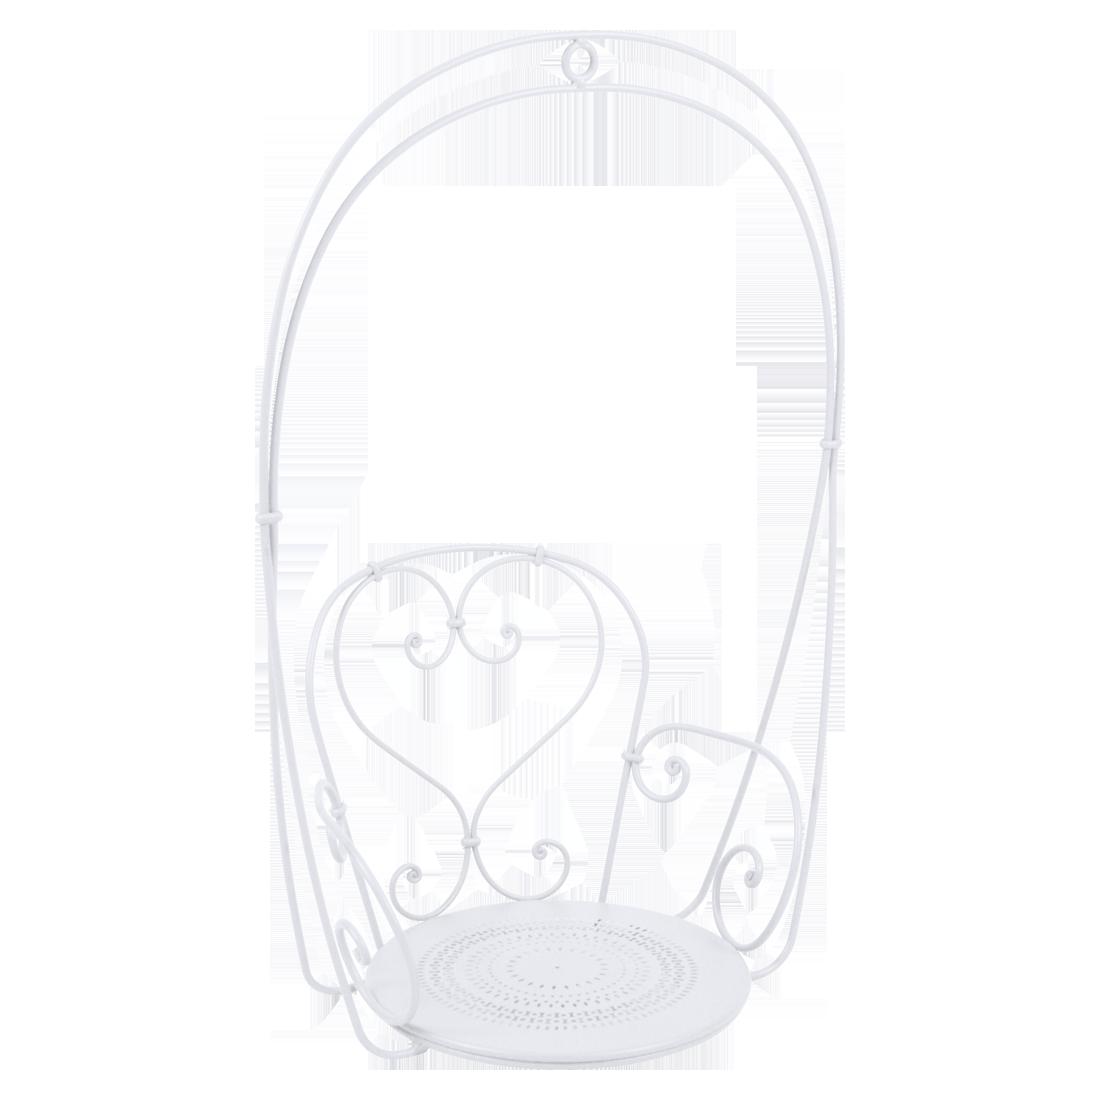 fauteuil suspendu, balancelle, fauteuil dans les arbres, fauteuil suspendu metal blanc